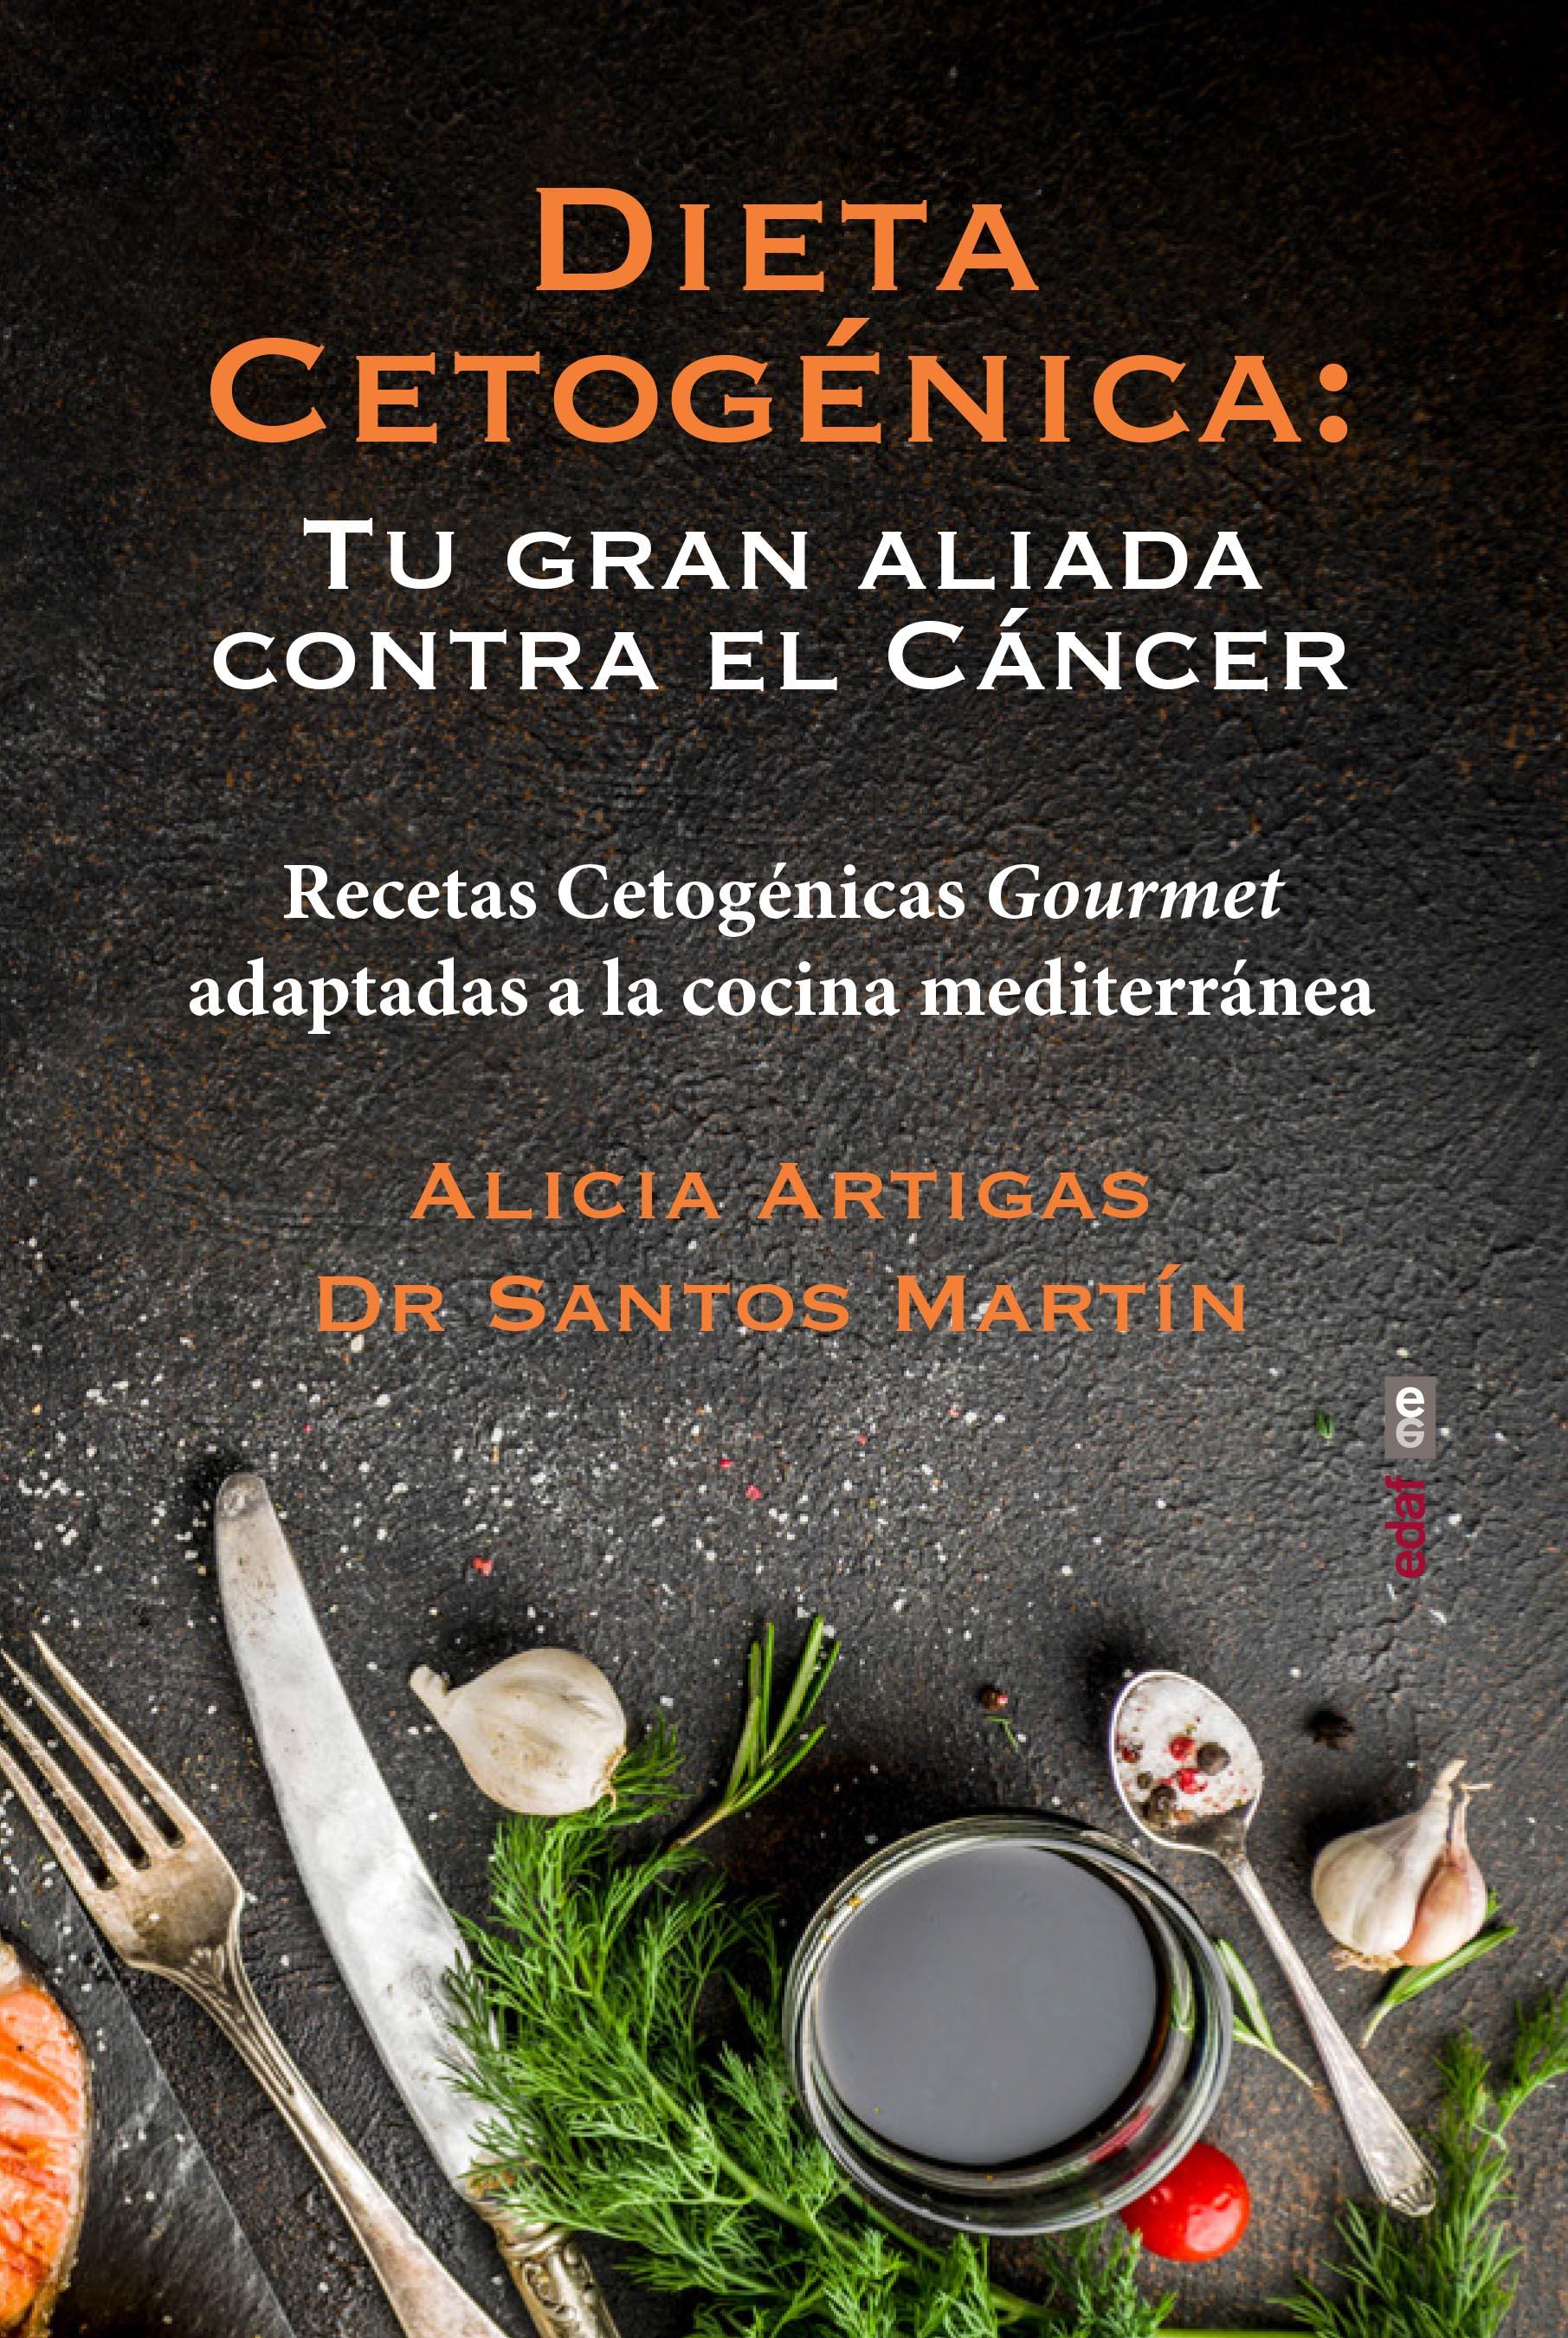 Libro_Dieta_Cetogenica_Alicia_Artigas_Dr_Santos - Glut1 y..